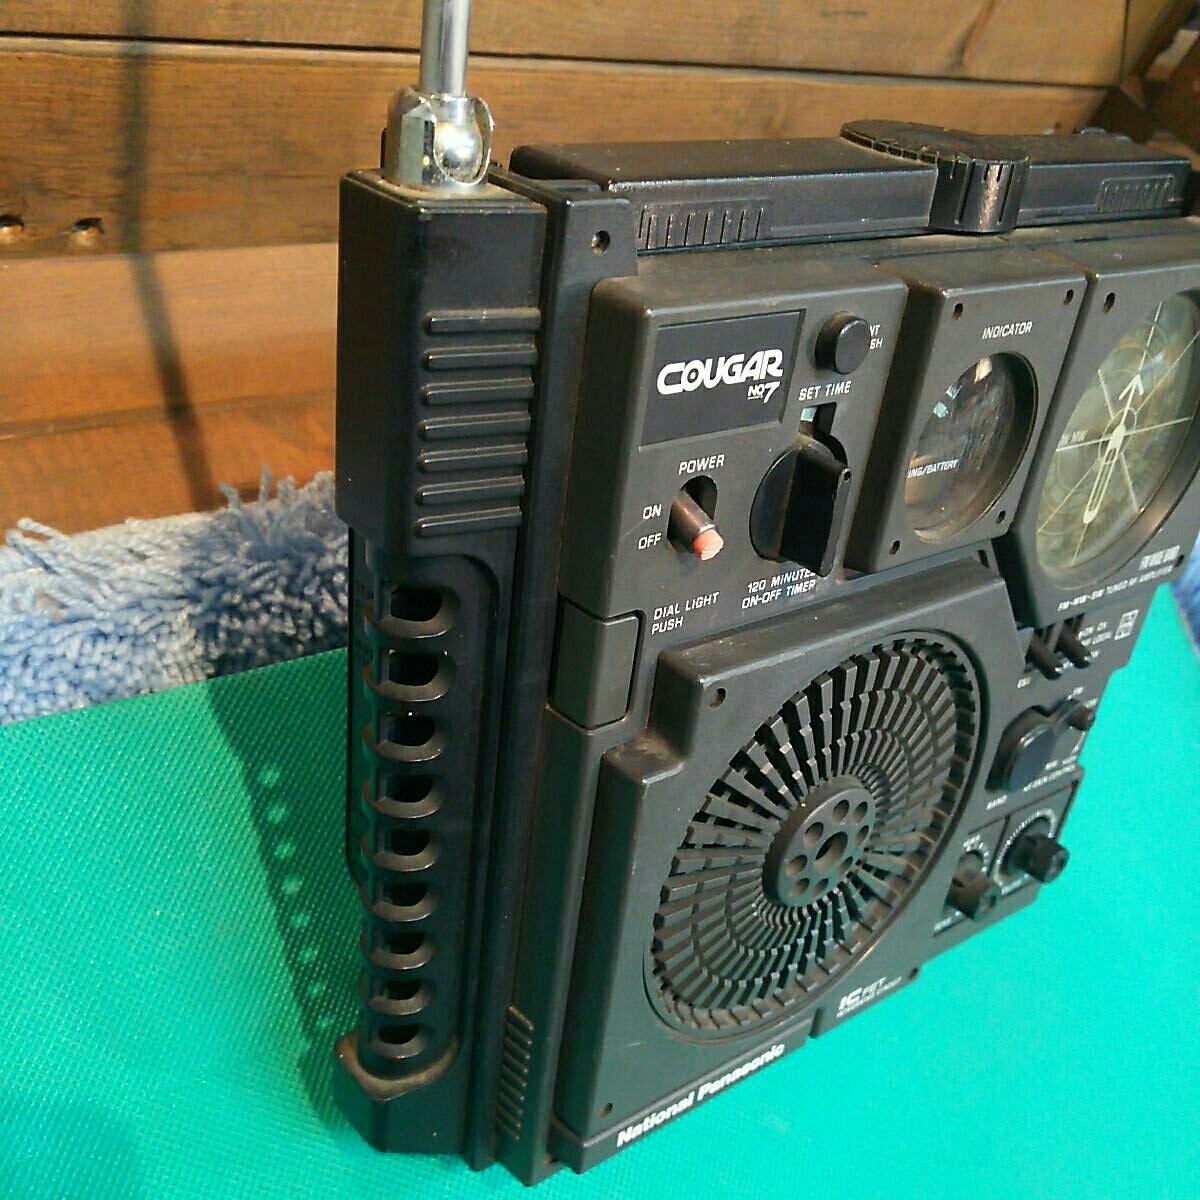 ナショナル national パナソニック Panasonic RF-877 3BAND ラジオ COUGAR No.7 RD-9801 NSB CRYSTAL 短波 中波 ジャンク ラジヲ 当時物_画像2